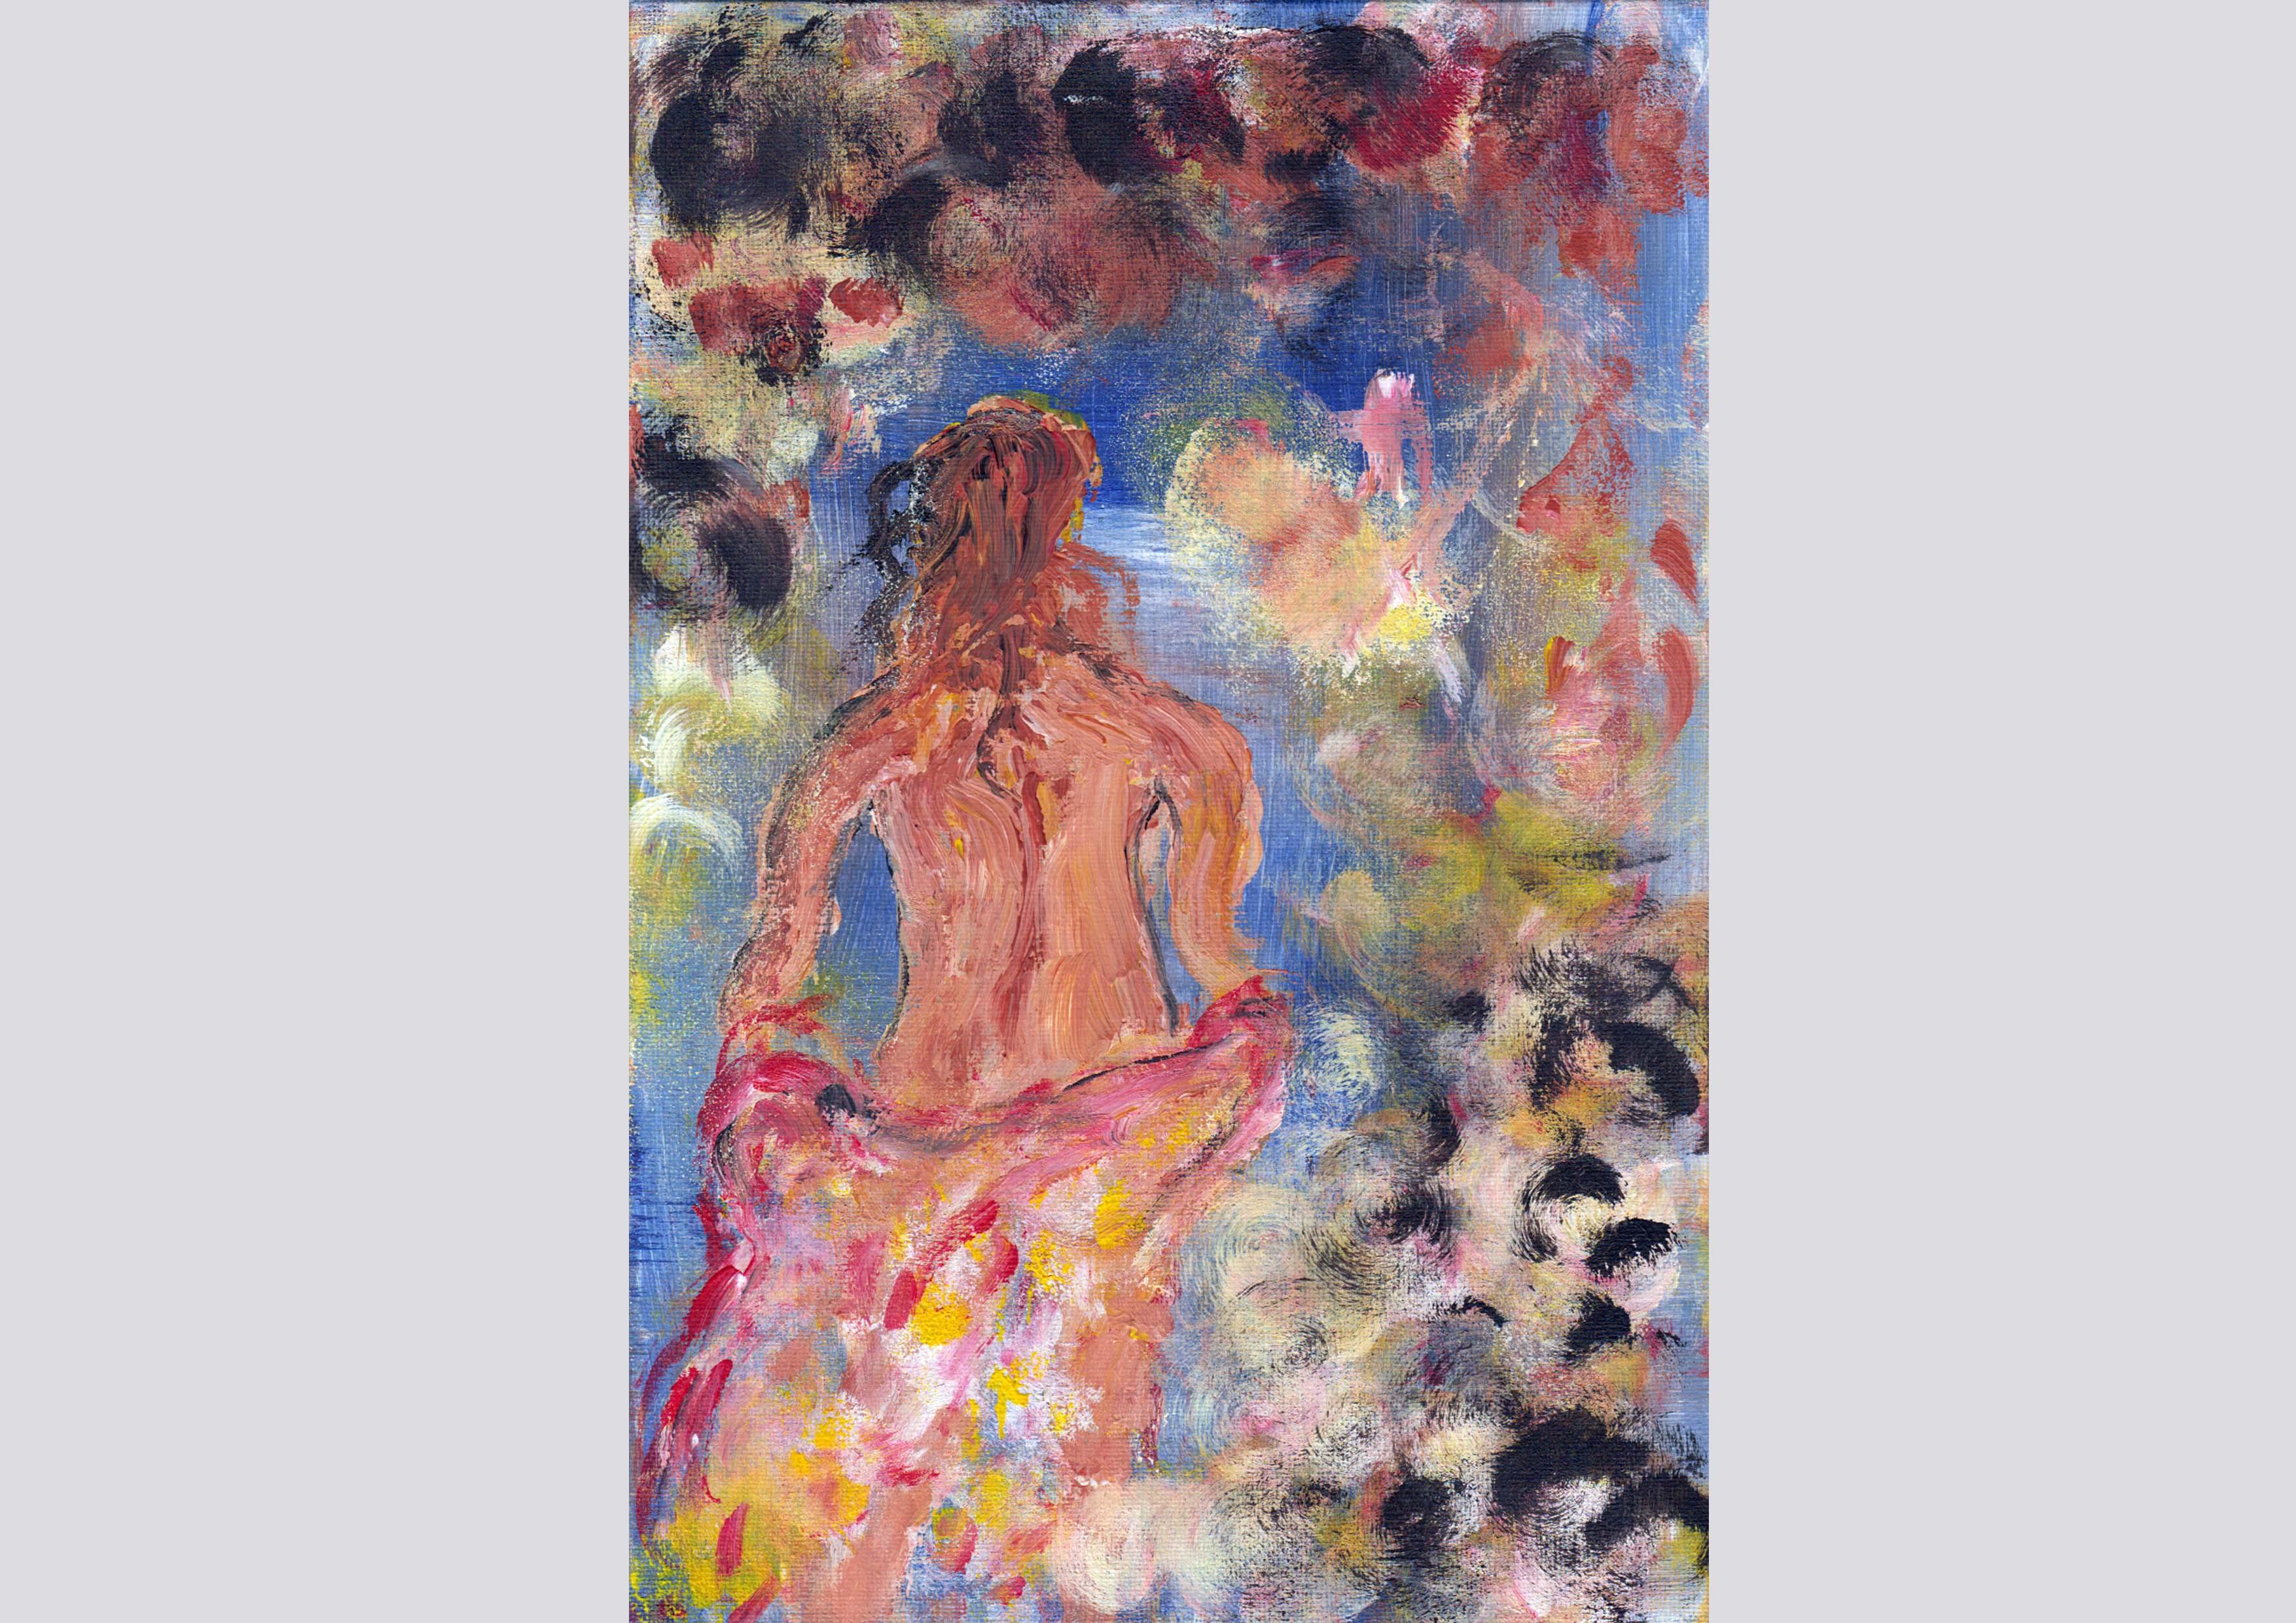 Frei sein (2013, 21 x 29,7 cm)